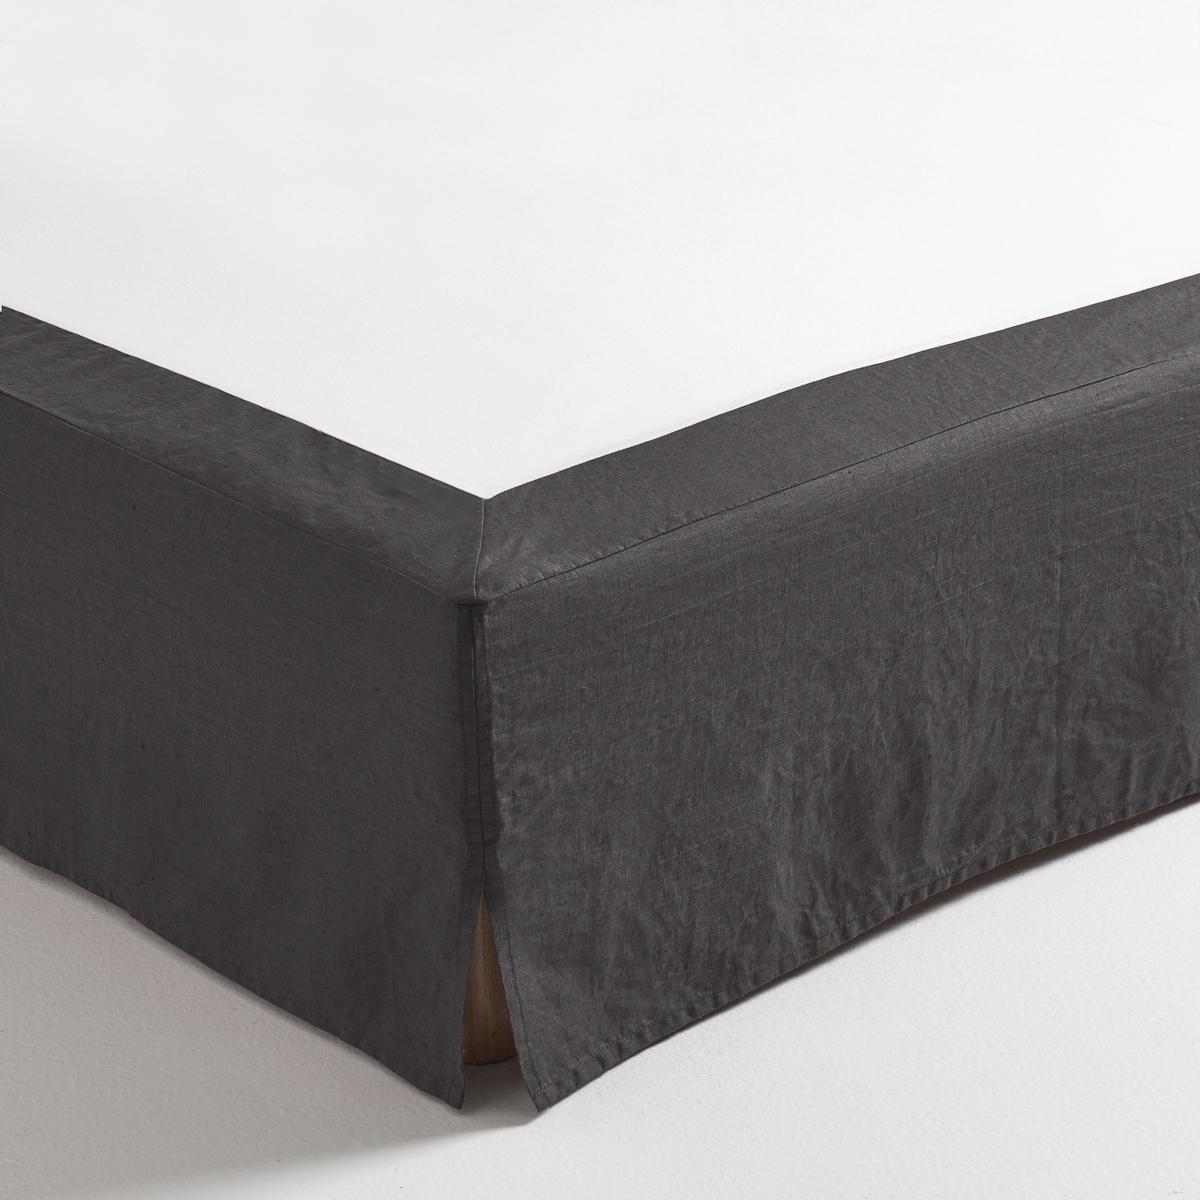 Чехол La Redoute Для кровати льна 140 x 190 см серый